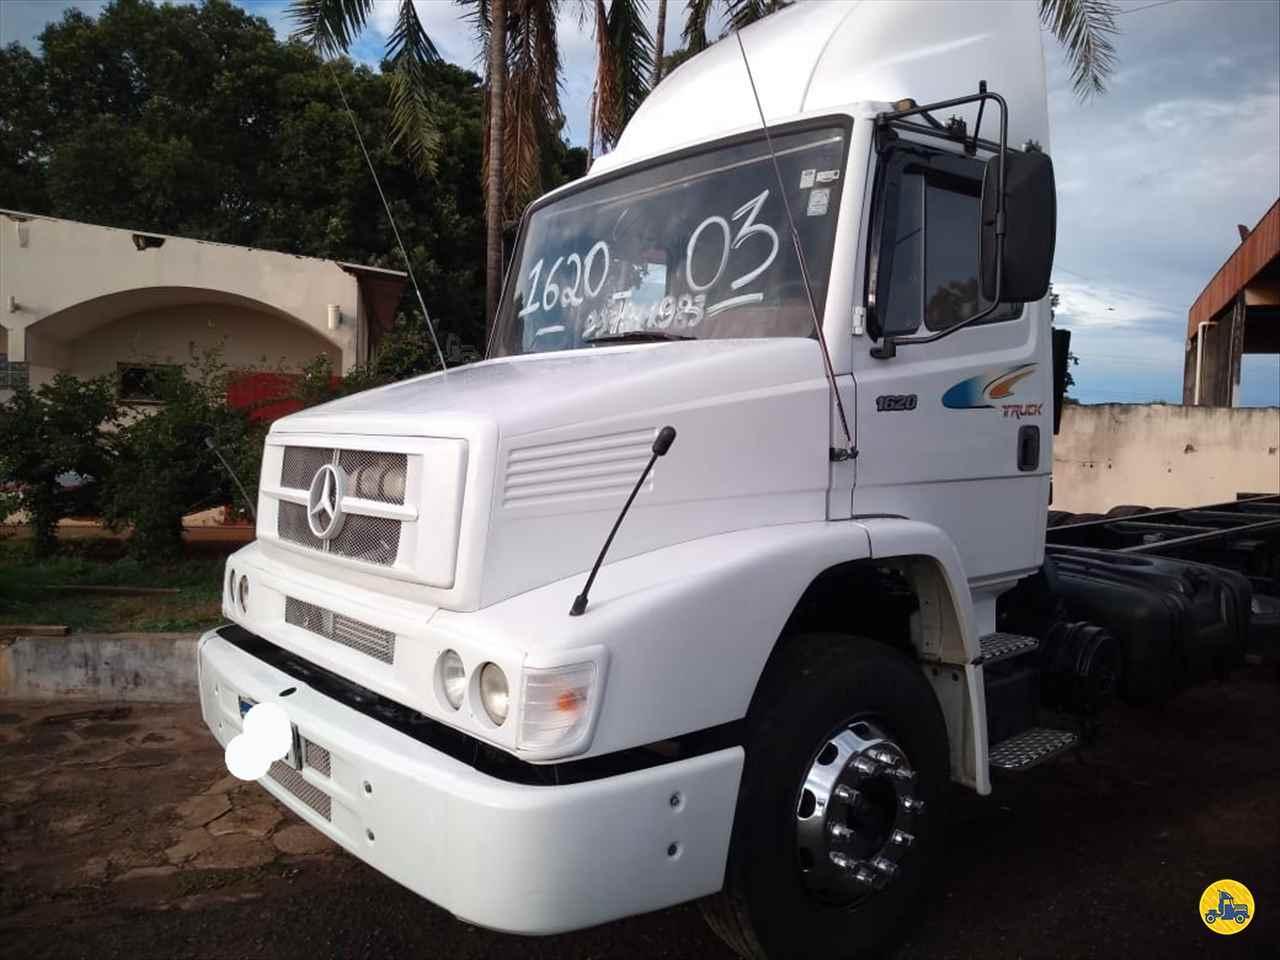 CAMINHAO MERCEDES-BENZ MB 1620 Chassis Truck 6x2 Barbosa Caminhões LINS SÃO PAULO SP